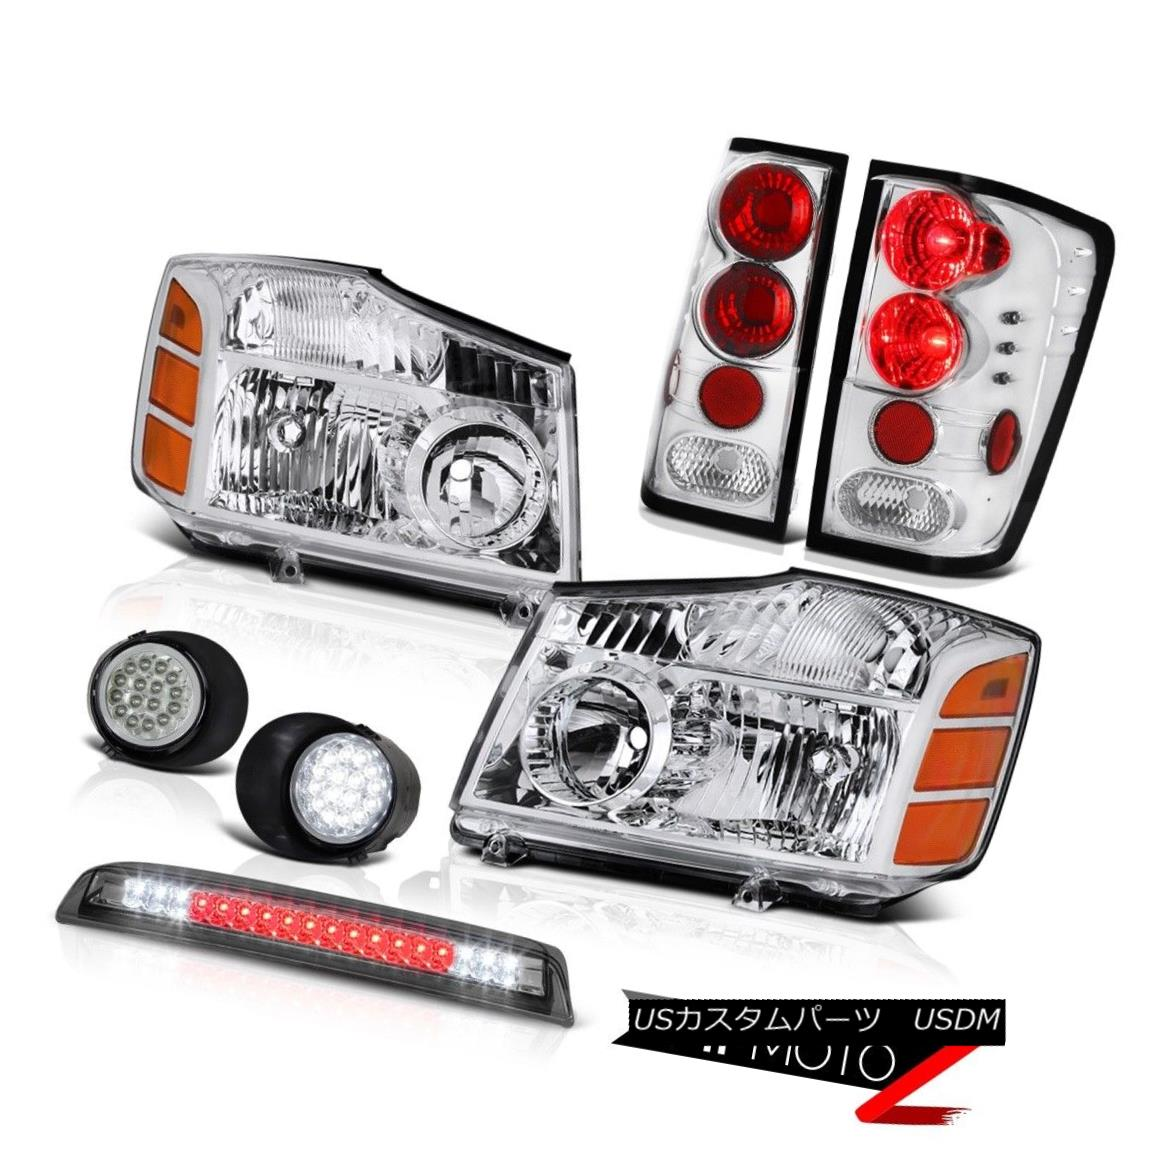 テールライト For 04-15 Titan 4X4 Chrome Headlights Tail Lights SMD Foglights Third Brake 04-15タイタン4X4クロームヘッドライトテールライトSMDフォグライト第3ブレーキ